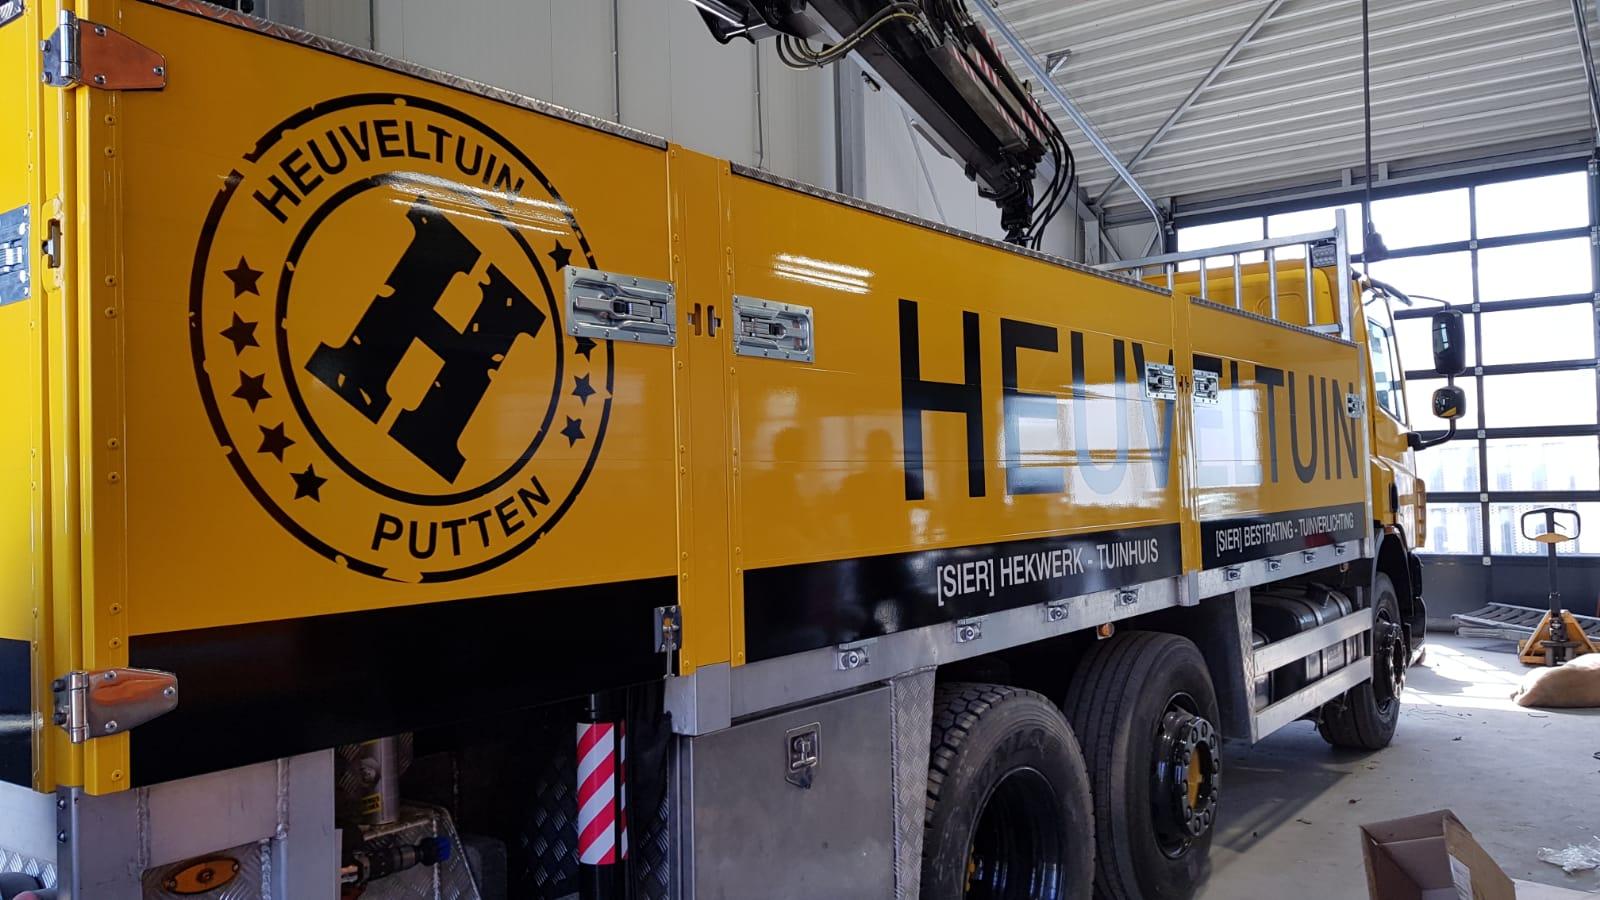 Vrachtwagen Heuveltuin